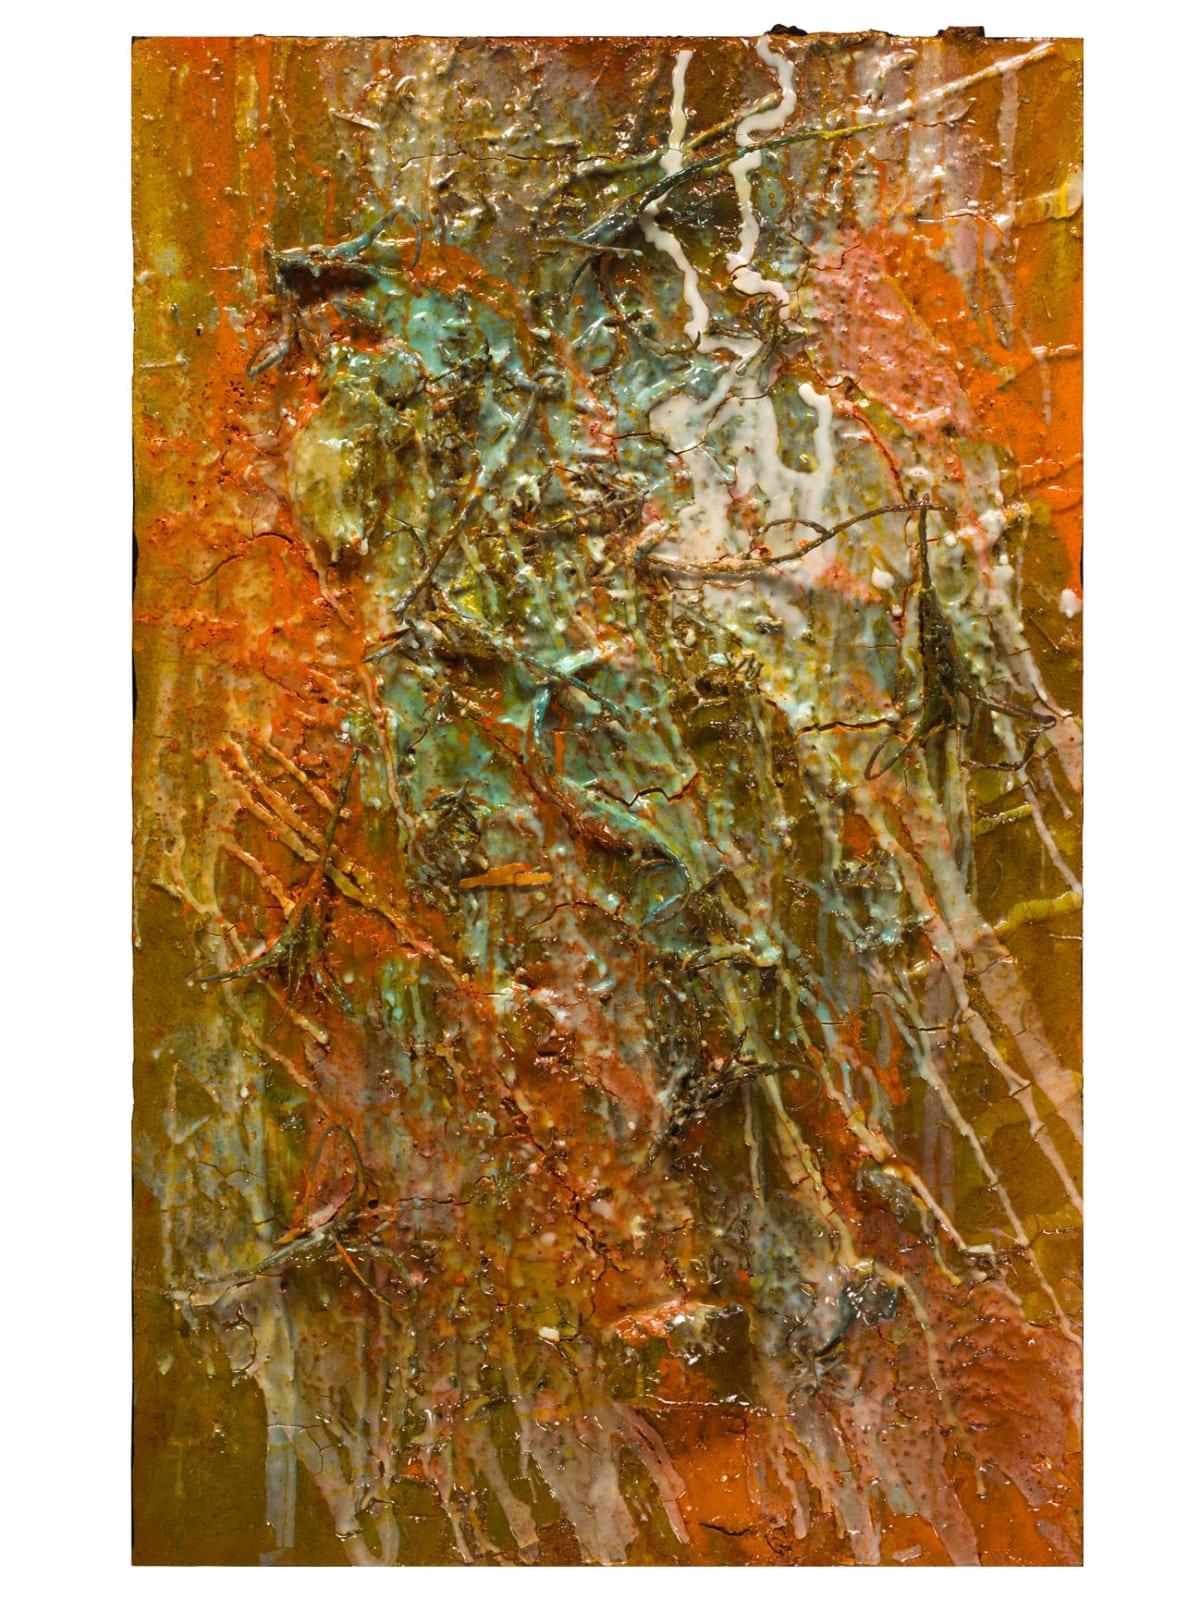 Lyric Joplin, Wood Spider, 2015